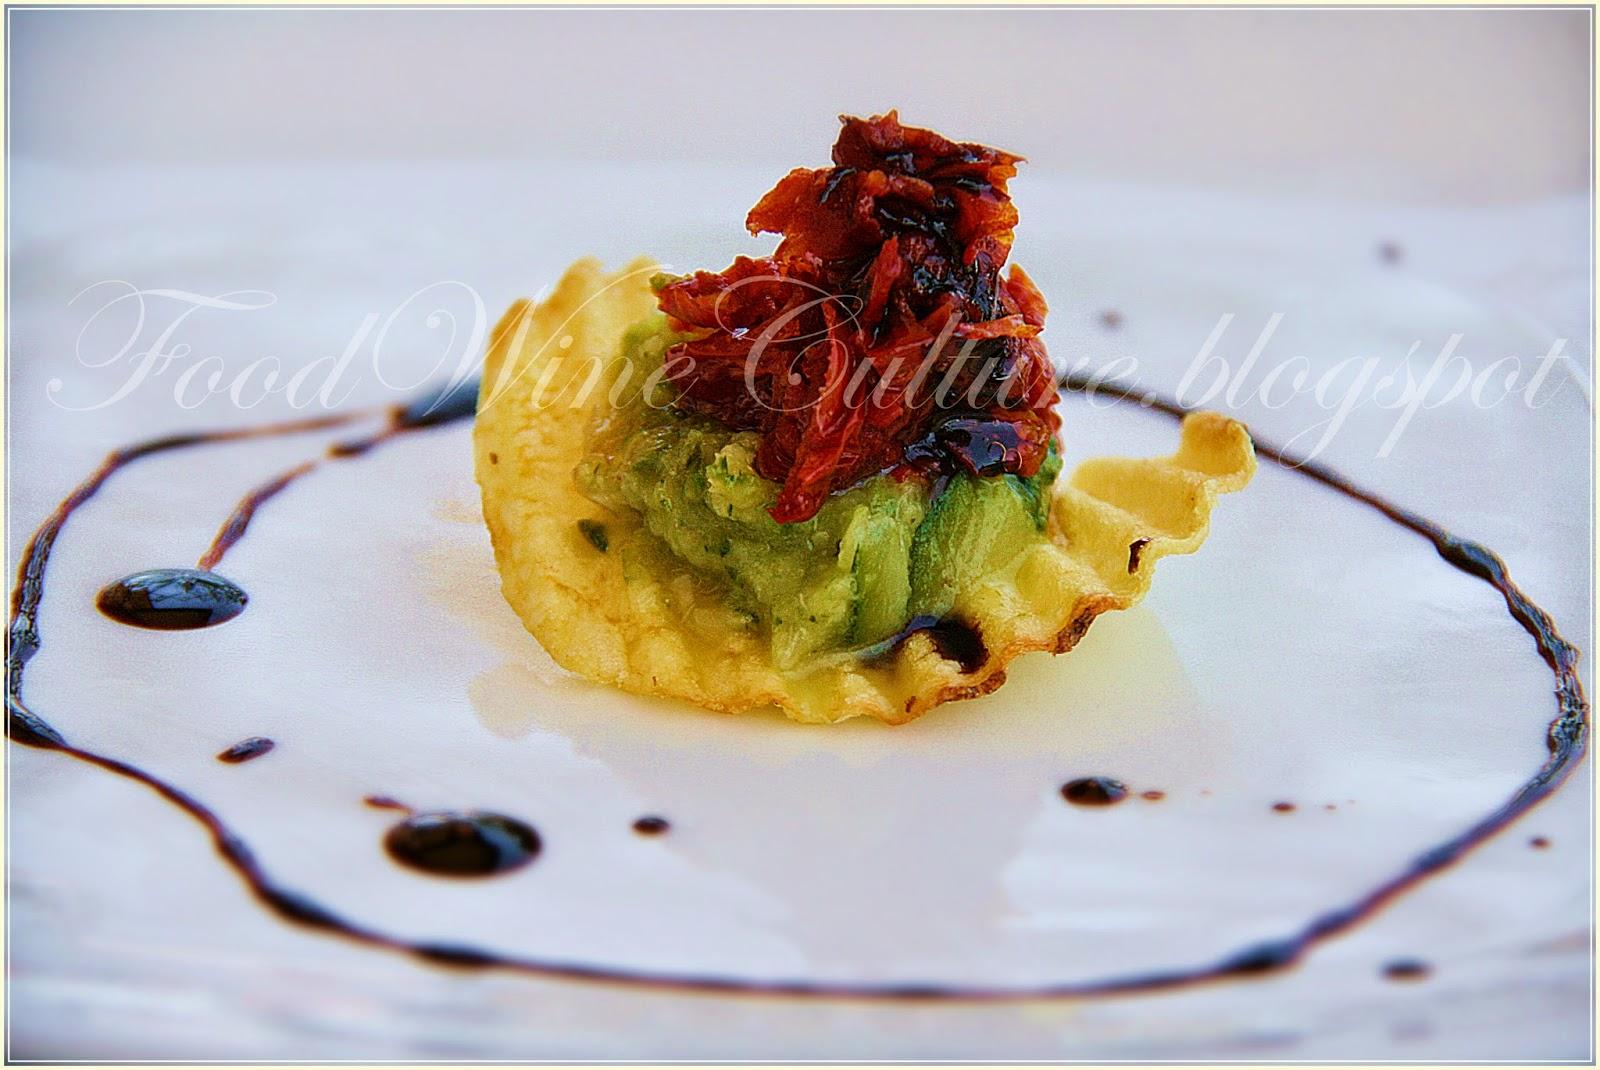 Crema di Asparagi e Zucchine con Tartare di Pomodorino Pachino DOP essicato al Balsamico di Modena IGP su Rustica San Carlo